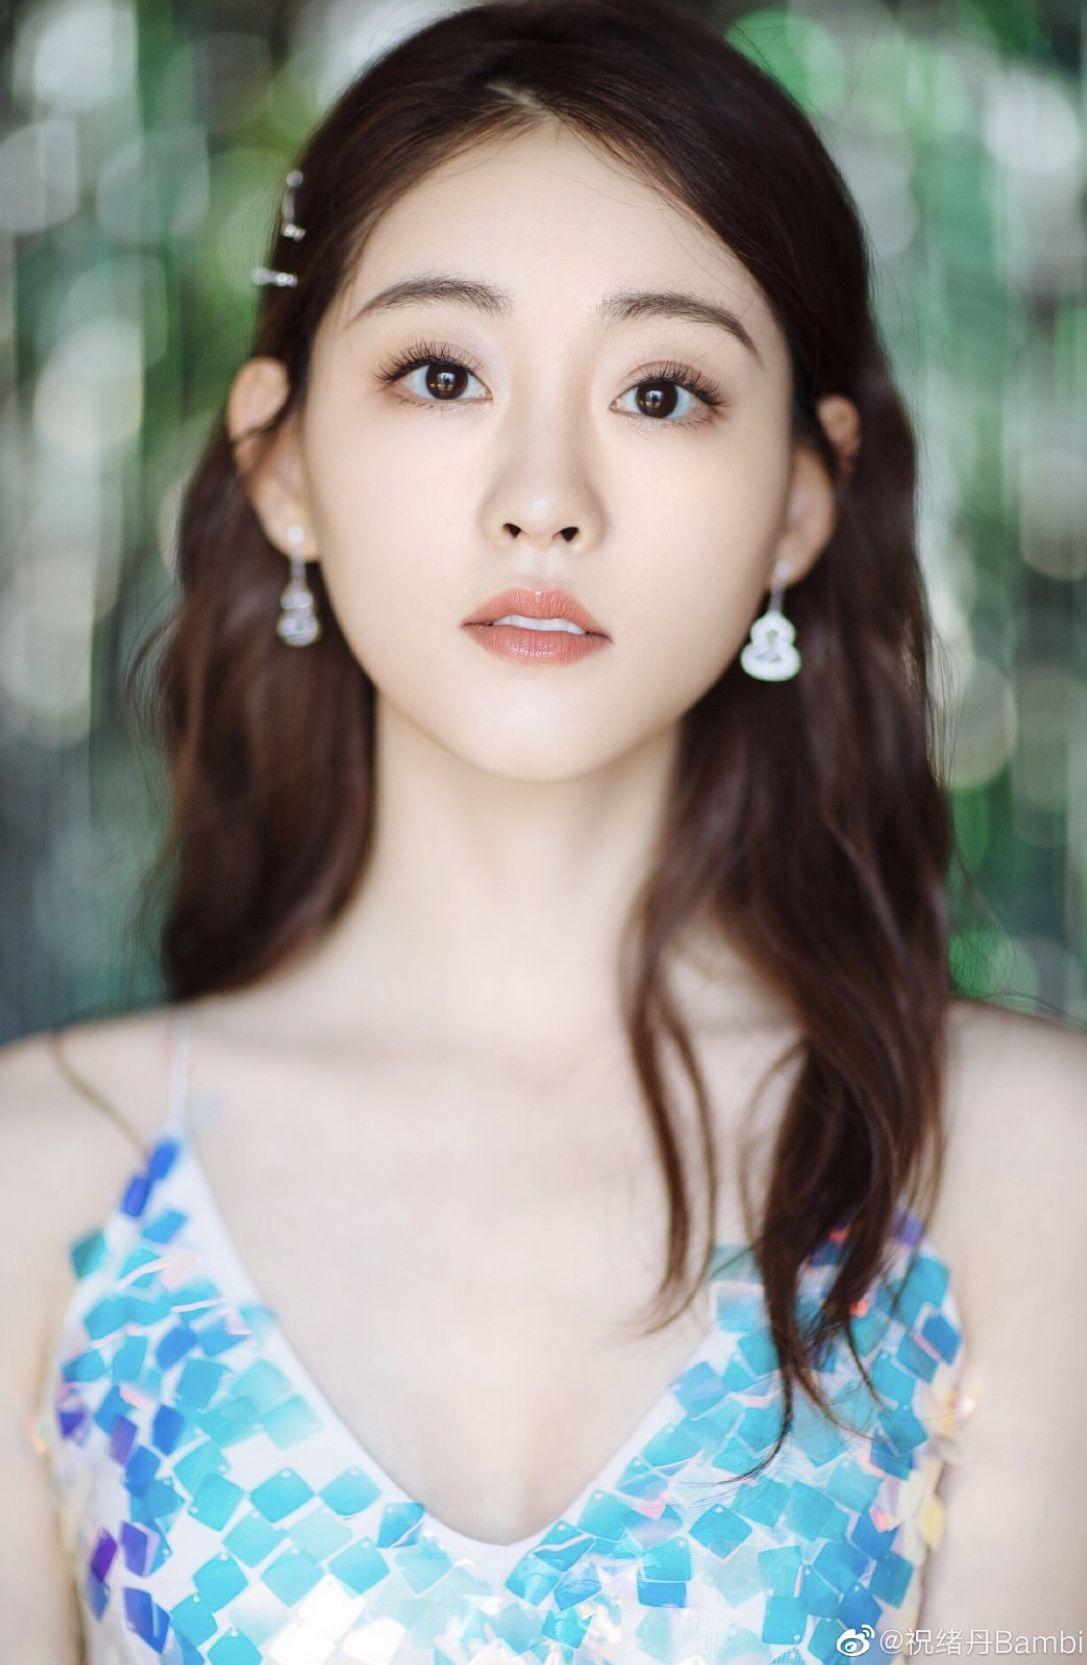 Pin by 杜柏滔 TO PAK TO on Xudan (Bambi) Zhu Chinese beauty